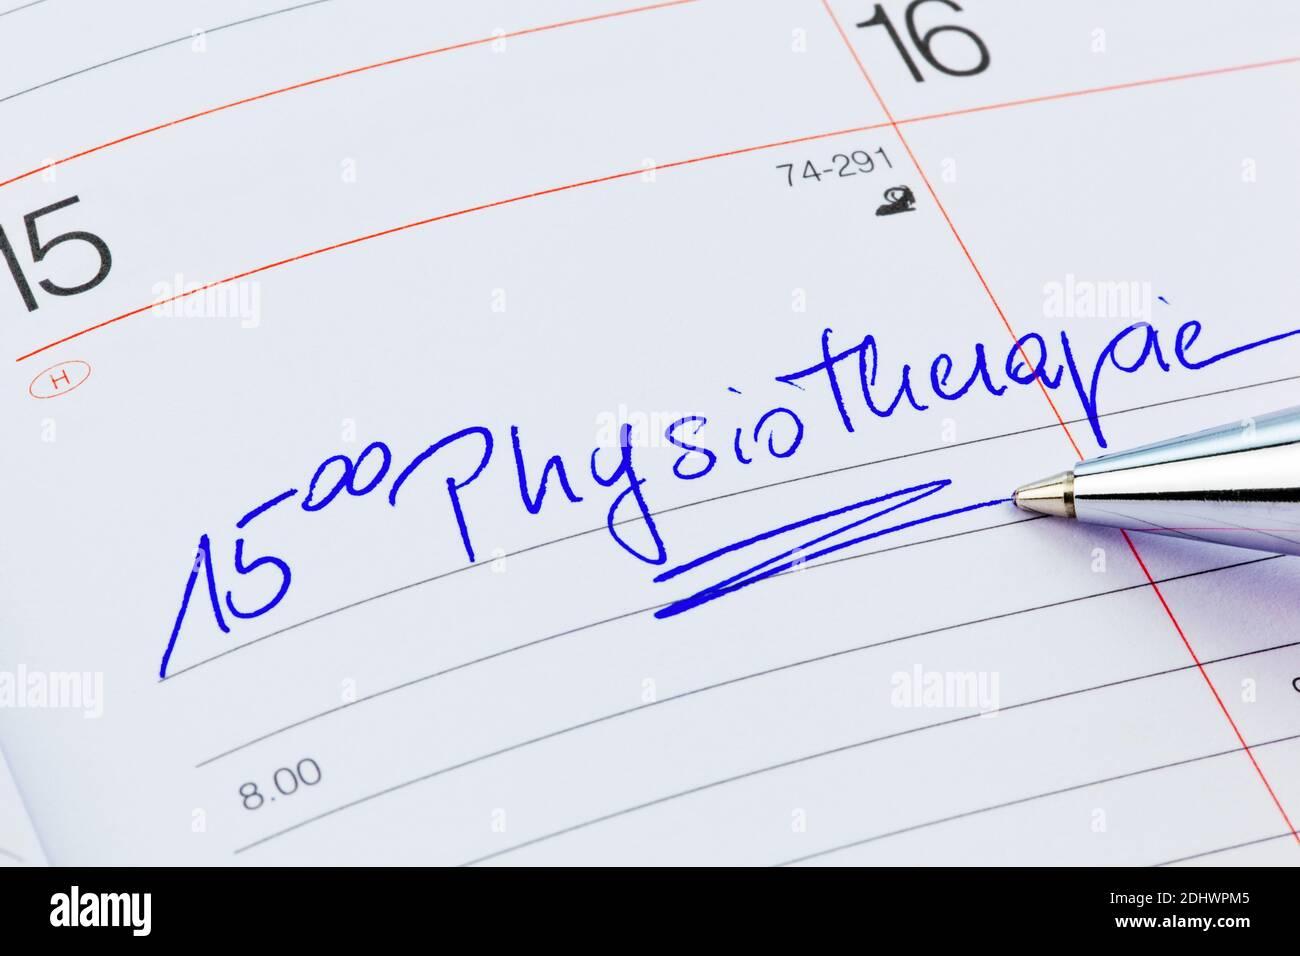 Ein Termin ist in einem Kalender eingetragen: Physiotherapie Stock Photo